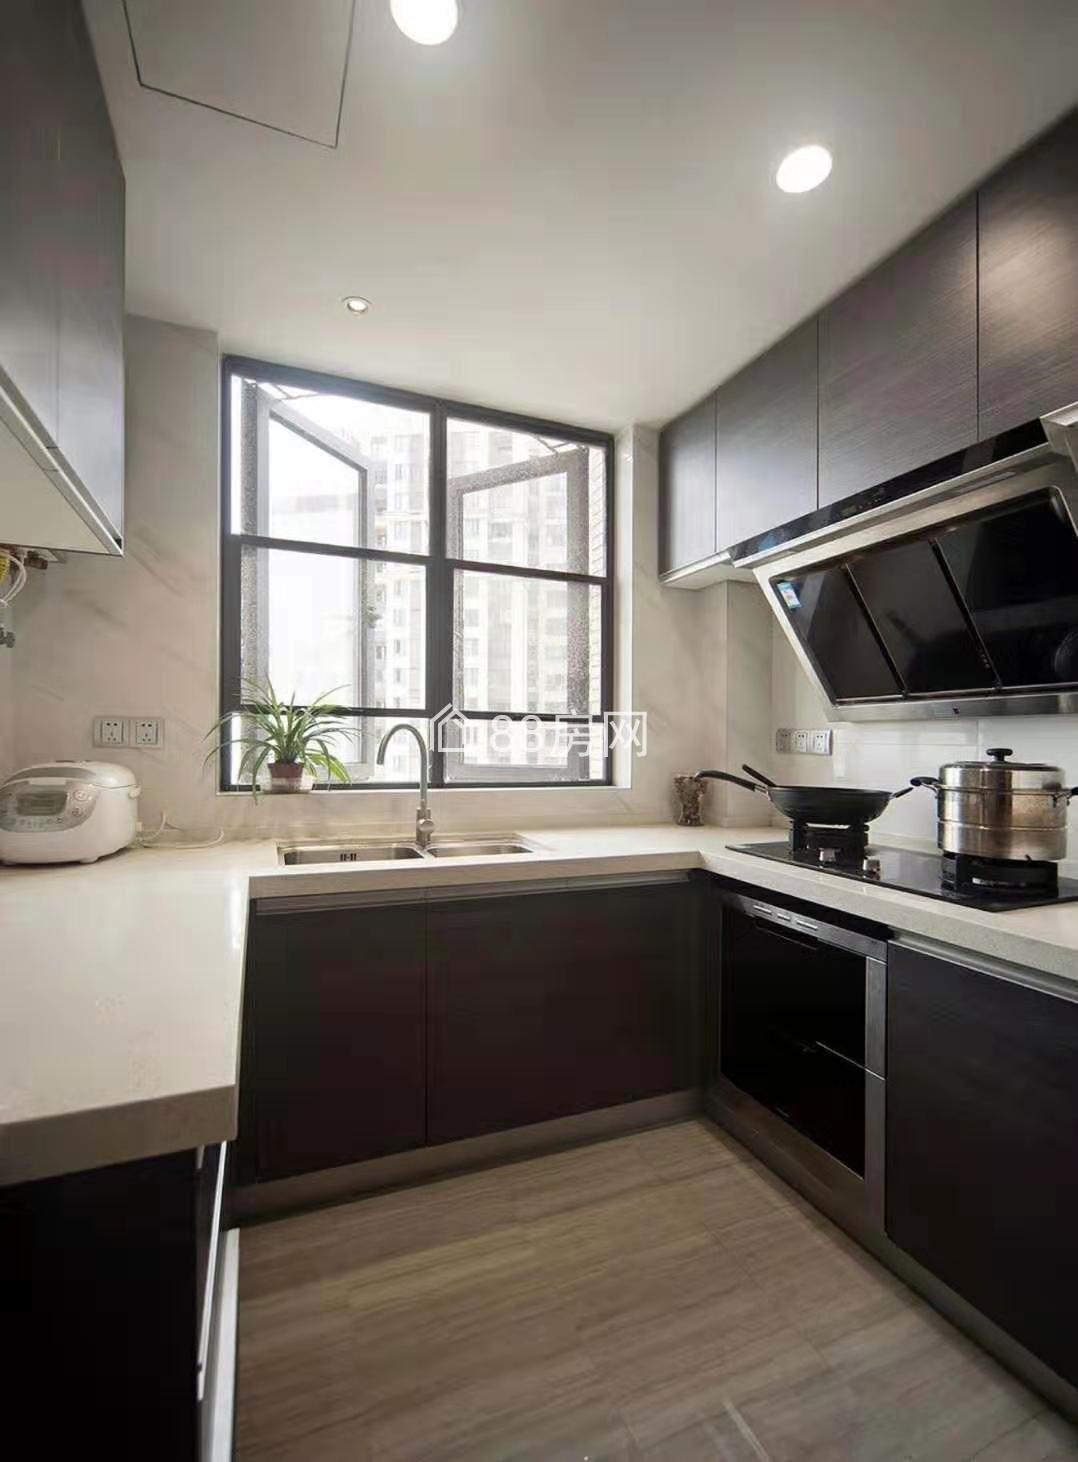 北欧风格三居室装修攻略,78平米的房子这样装才阔气!-鲁能泰山7号装修